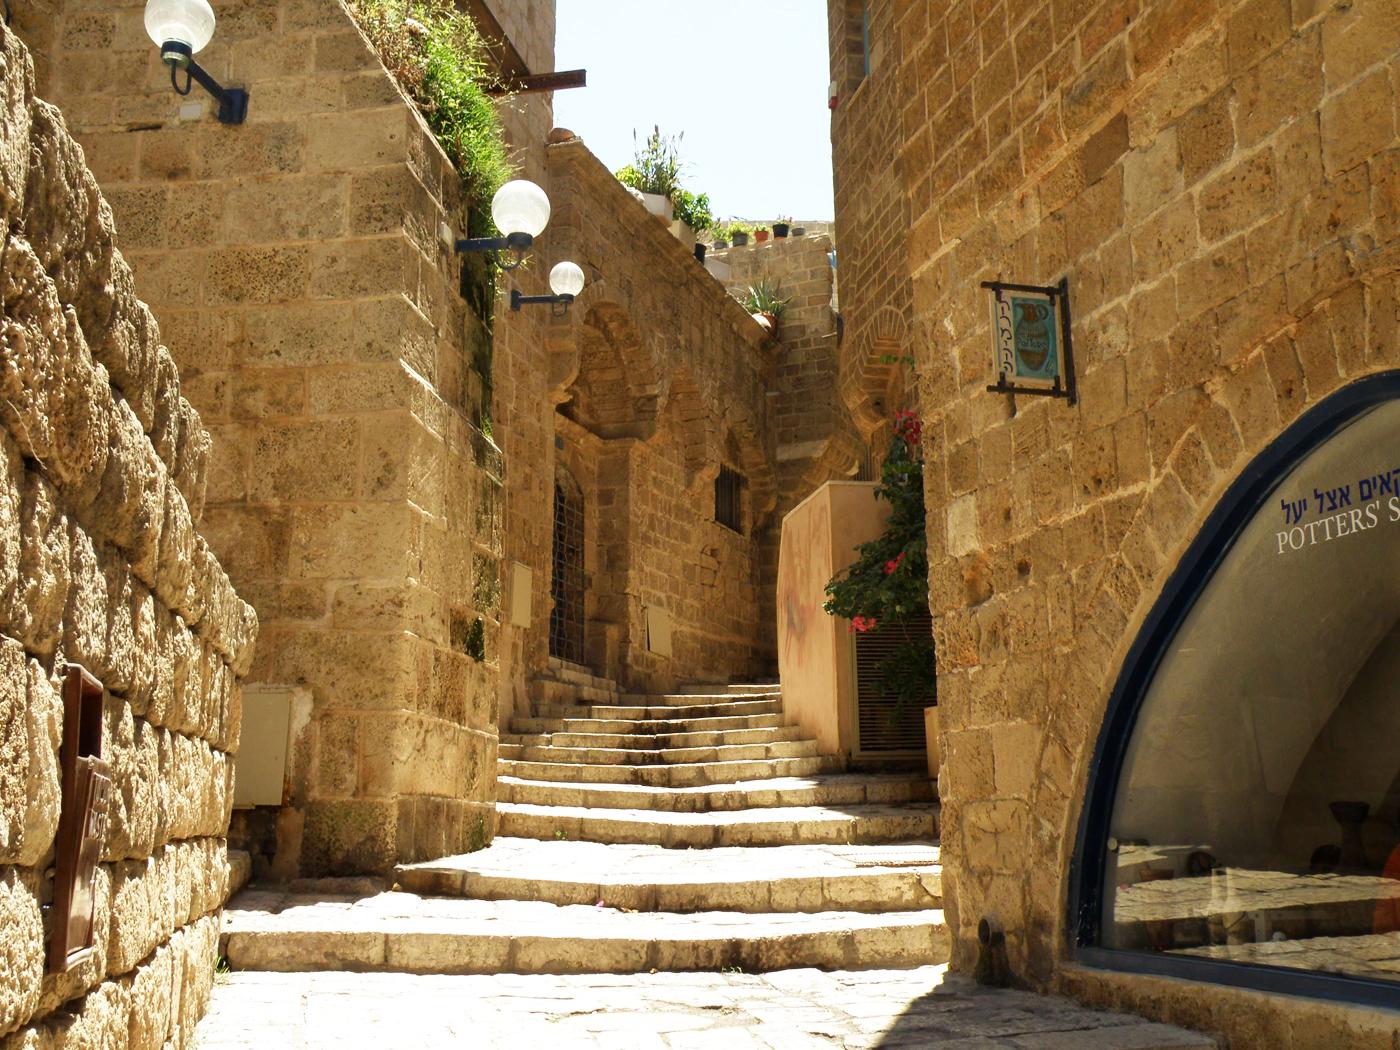 Улочка города Яффо